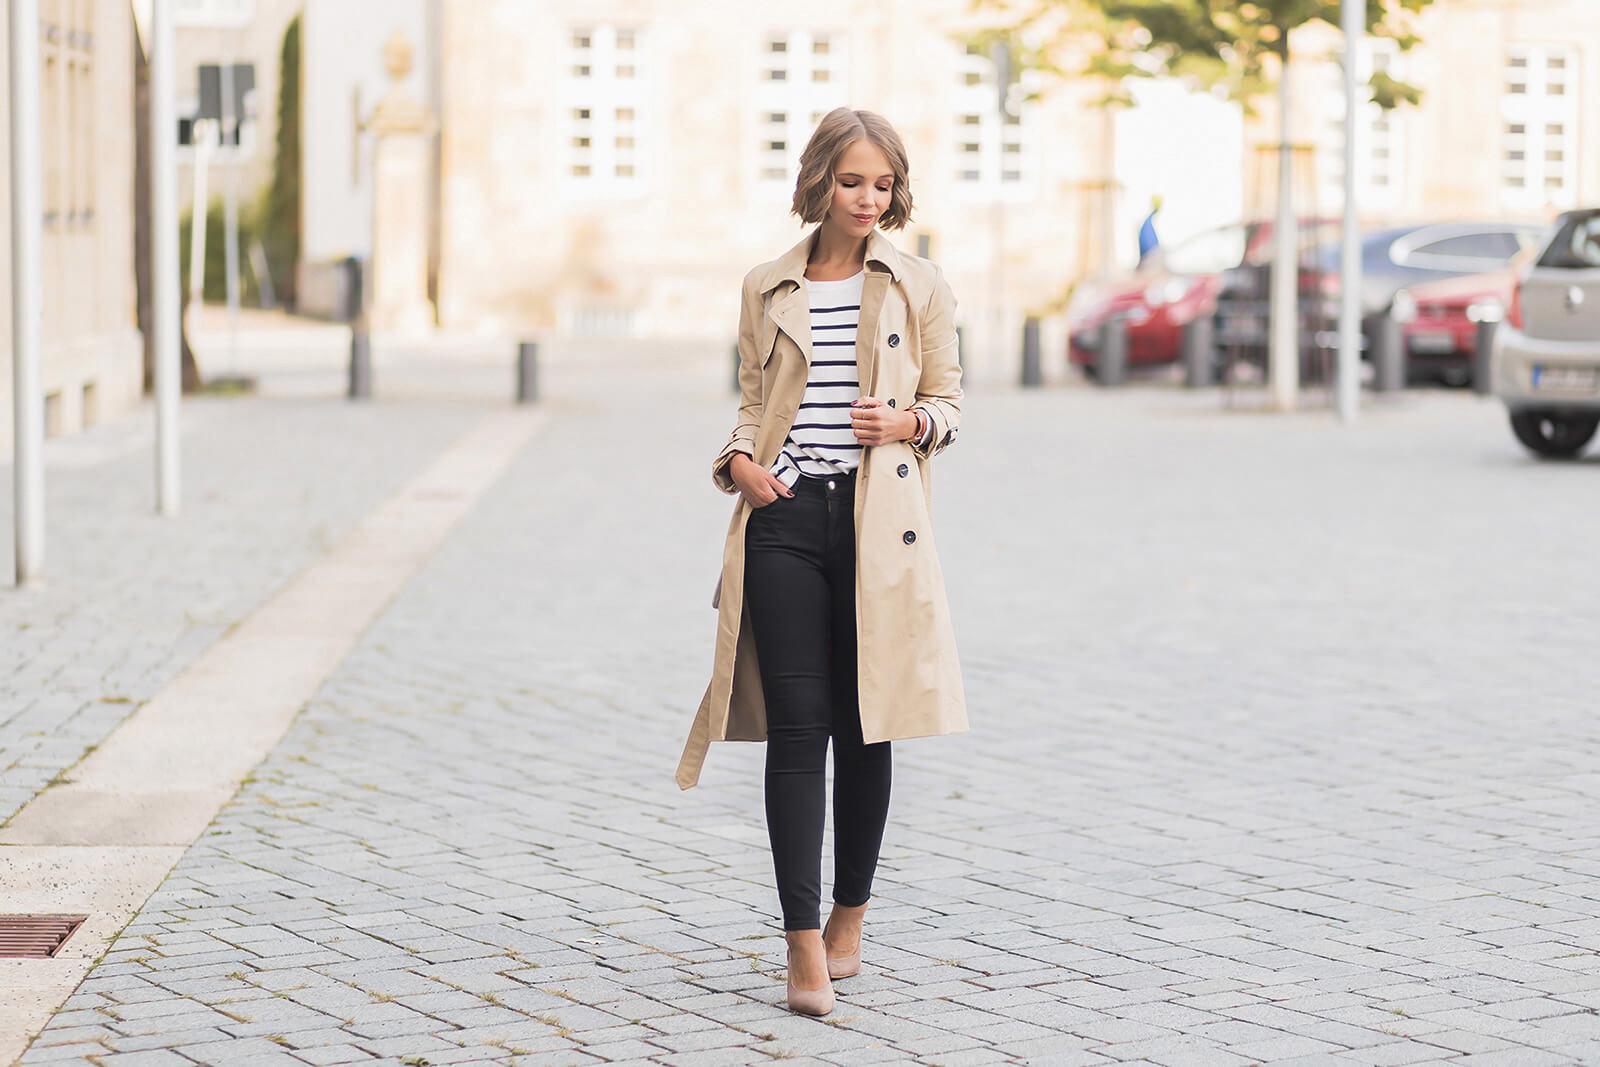 Pullover mit Streifen kombinieren, Herbstoutfit mit Streifenpullover und Trenchcoat, Slingpumps, Shoelove by Deichmann